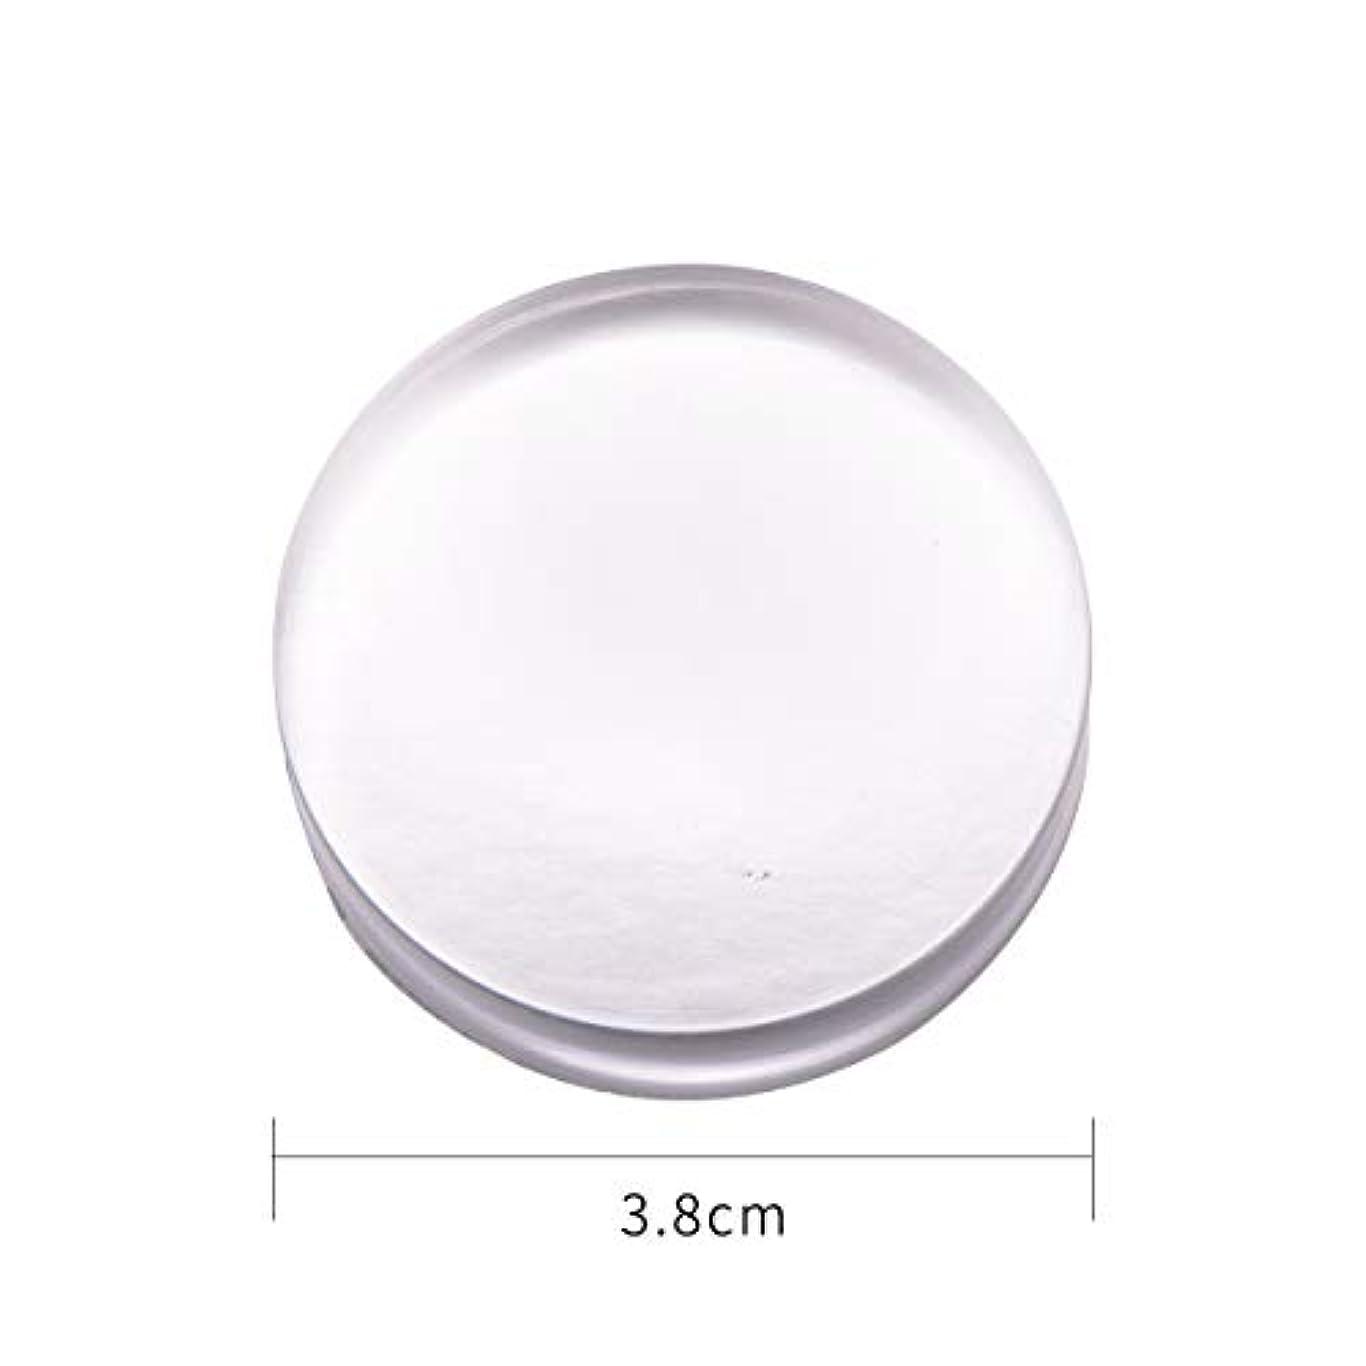 針悪用ドリンクYideaHome スタンパー ネイル ネイルスタンパー 透明 柔らかいシリコーンヘッド 3.8cm